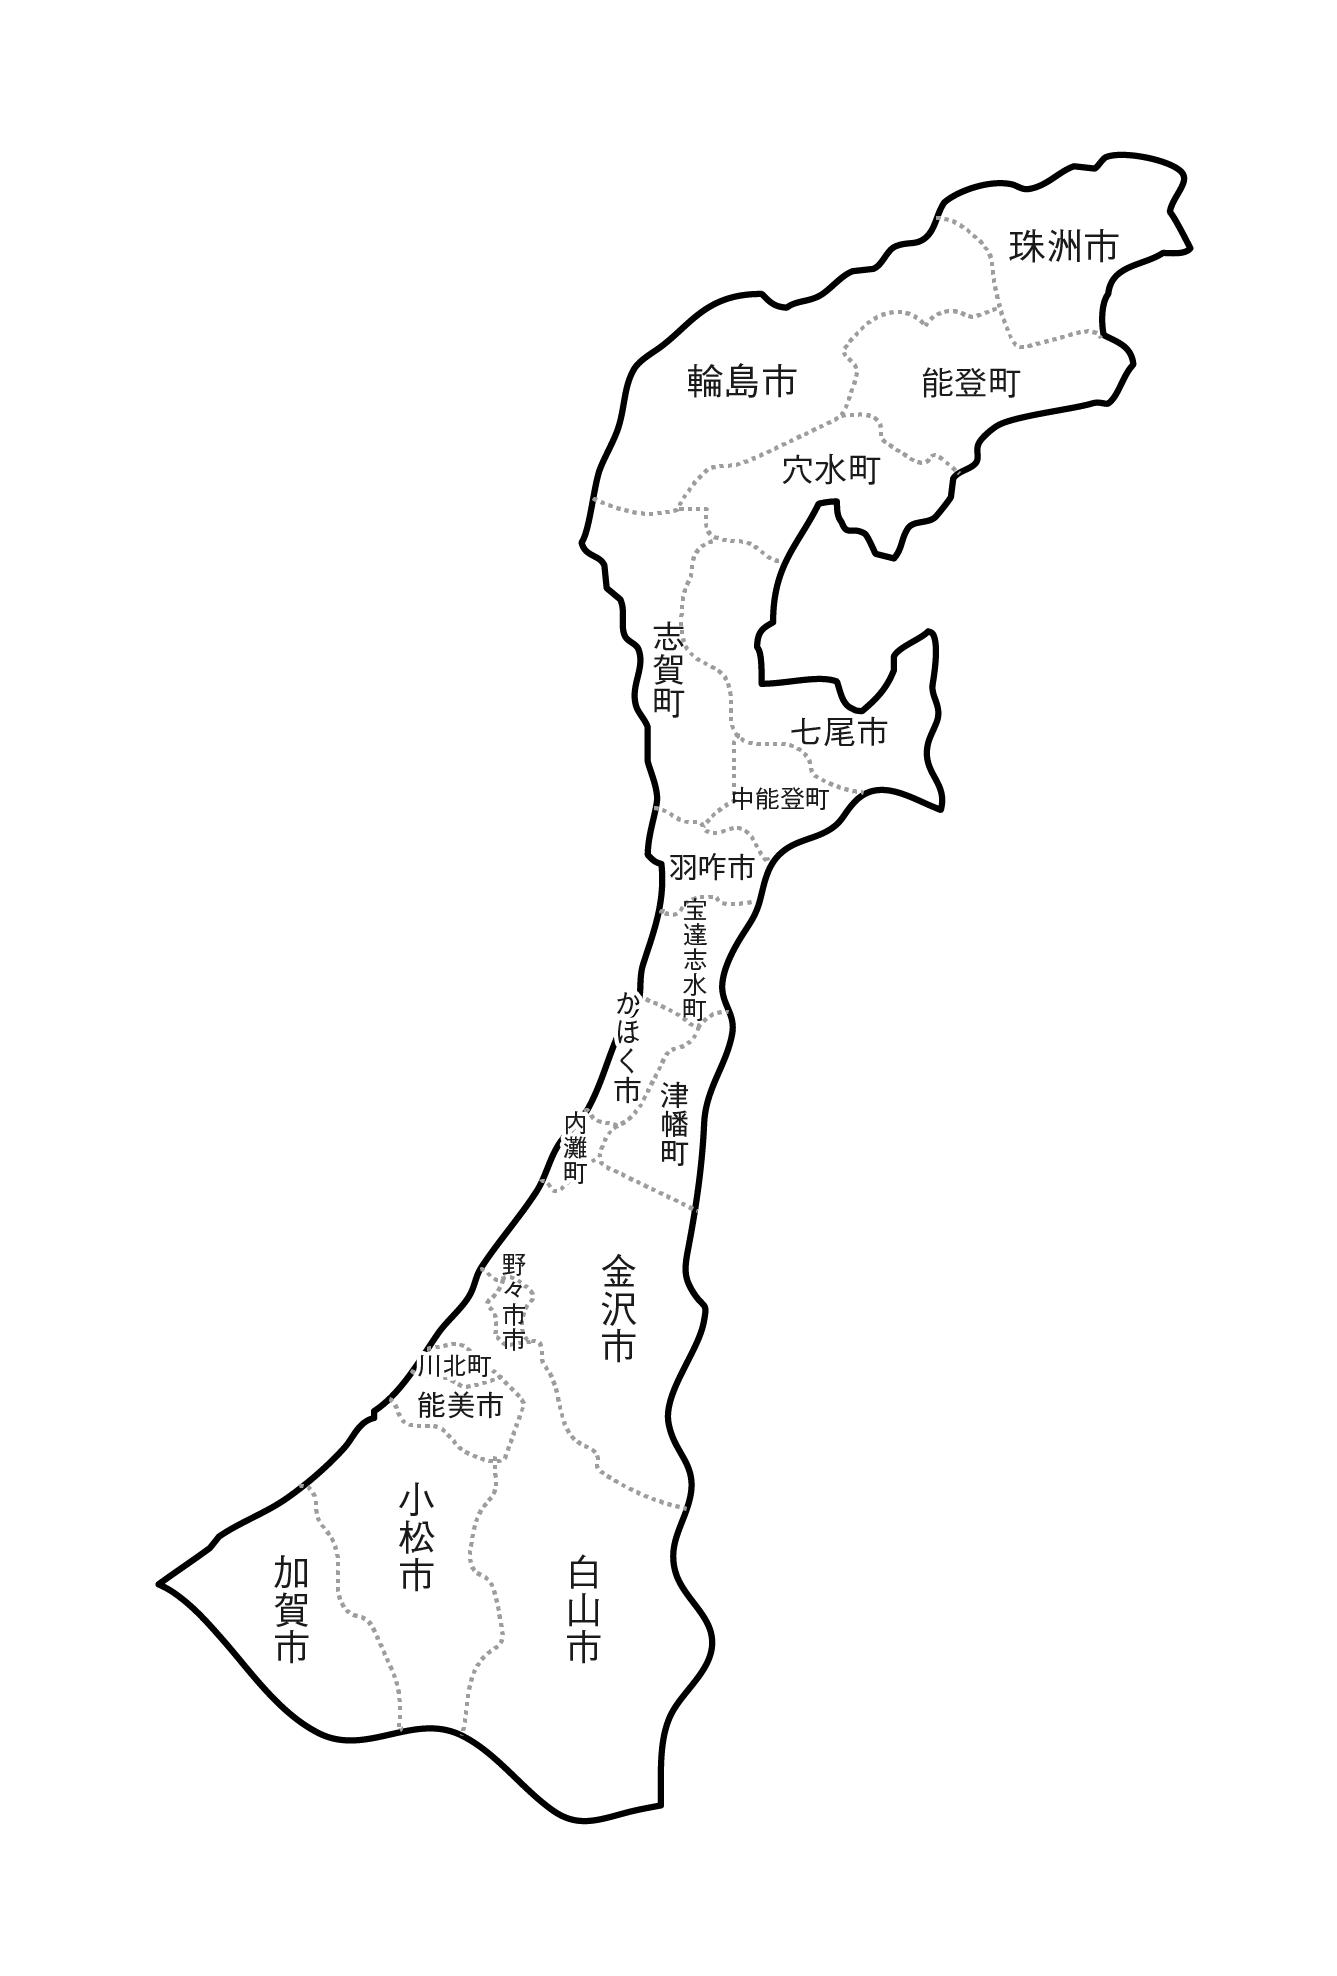 [白地図]石川県・ラインあり・市区町村名あり